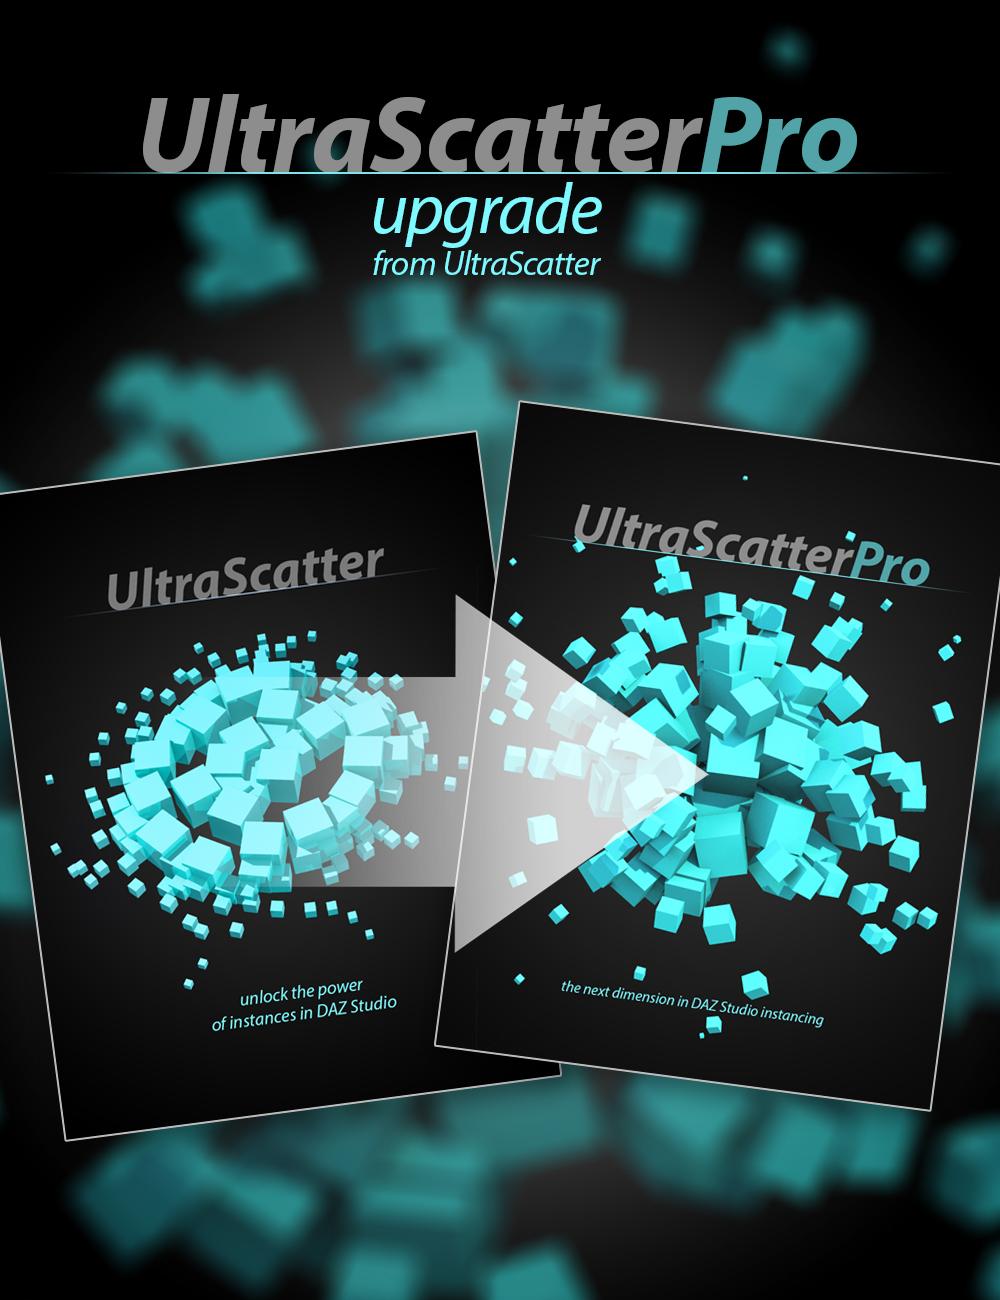 UltraScatterPro - Upgrade from UltraScatter Advanced Instancing by: HowieFarkes, 3D Models by Daz 3D